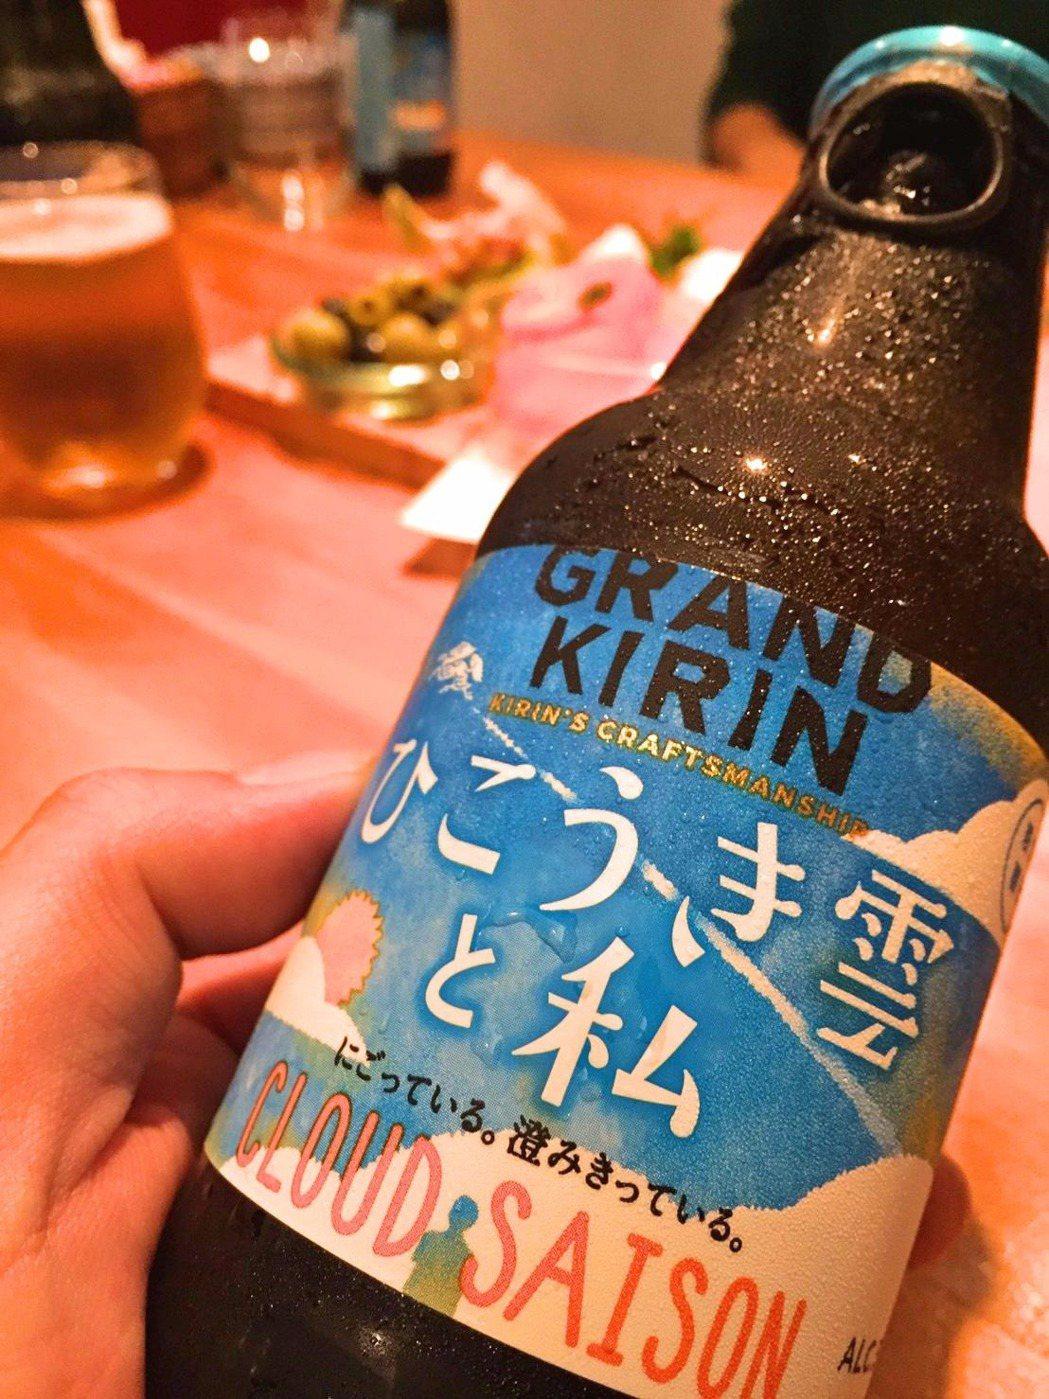 消費者享受啤酒已更加要求獨特與個性化的風味與體驗,品嚐精釀啤酒已蔚成風潮。 蔡尚...